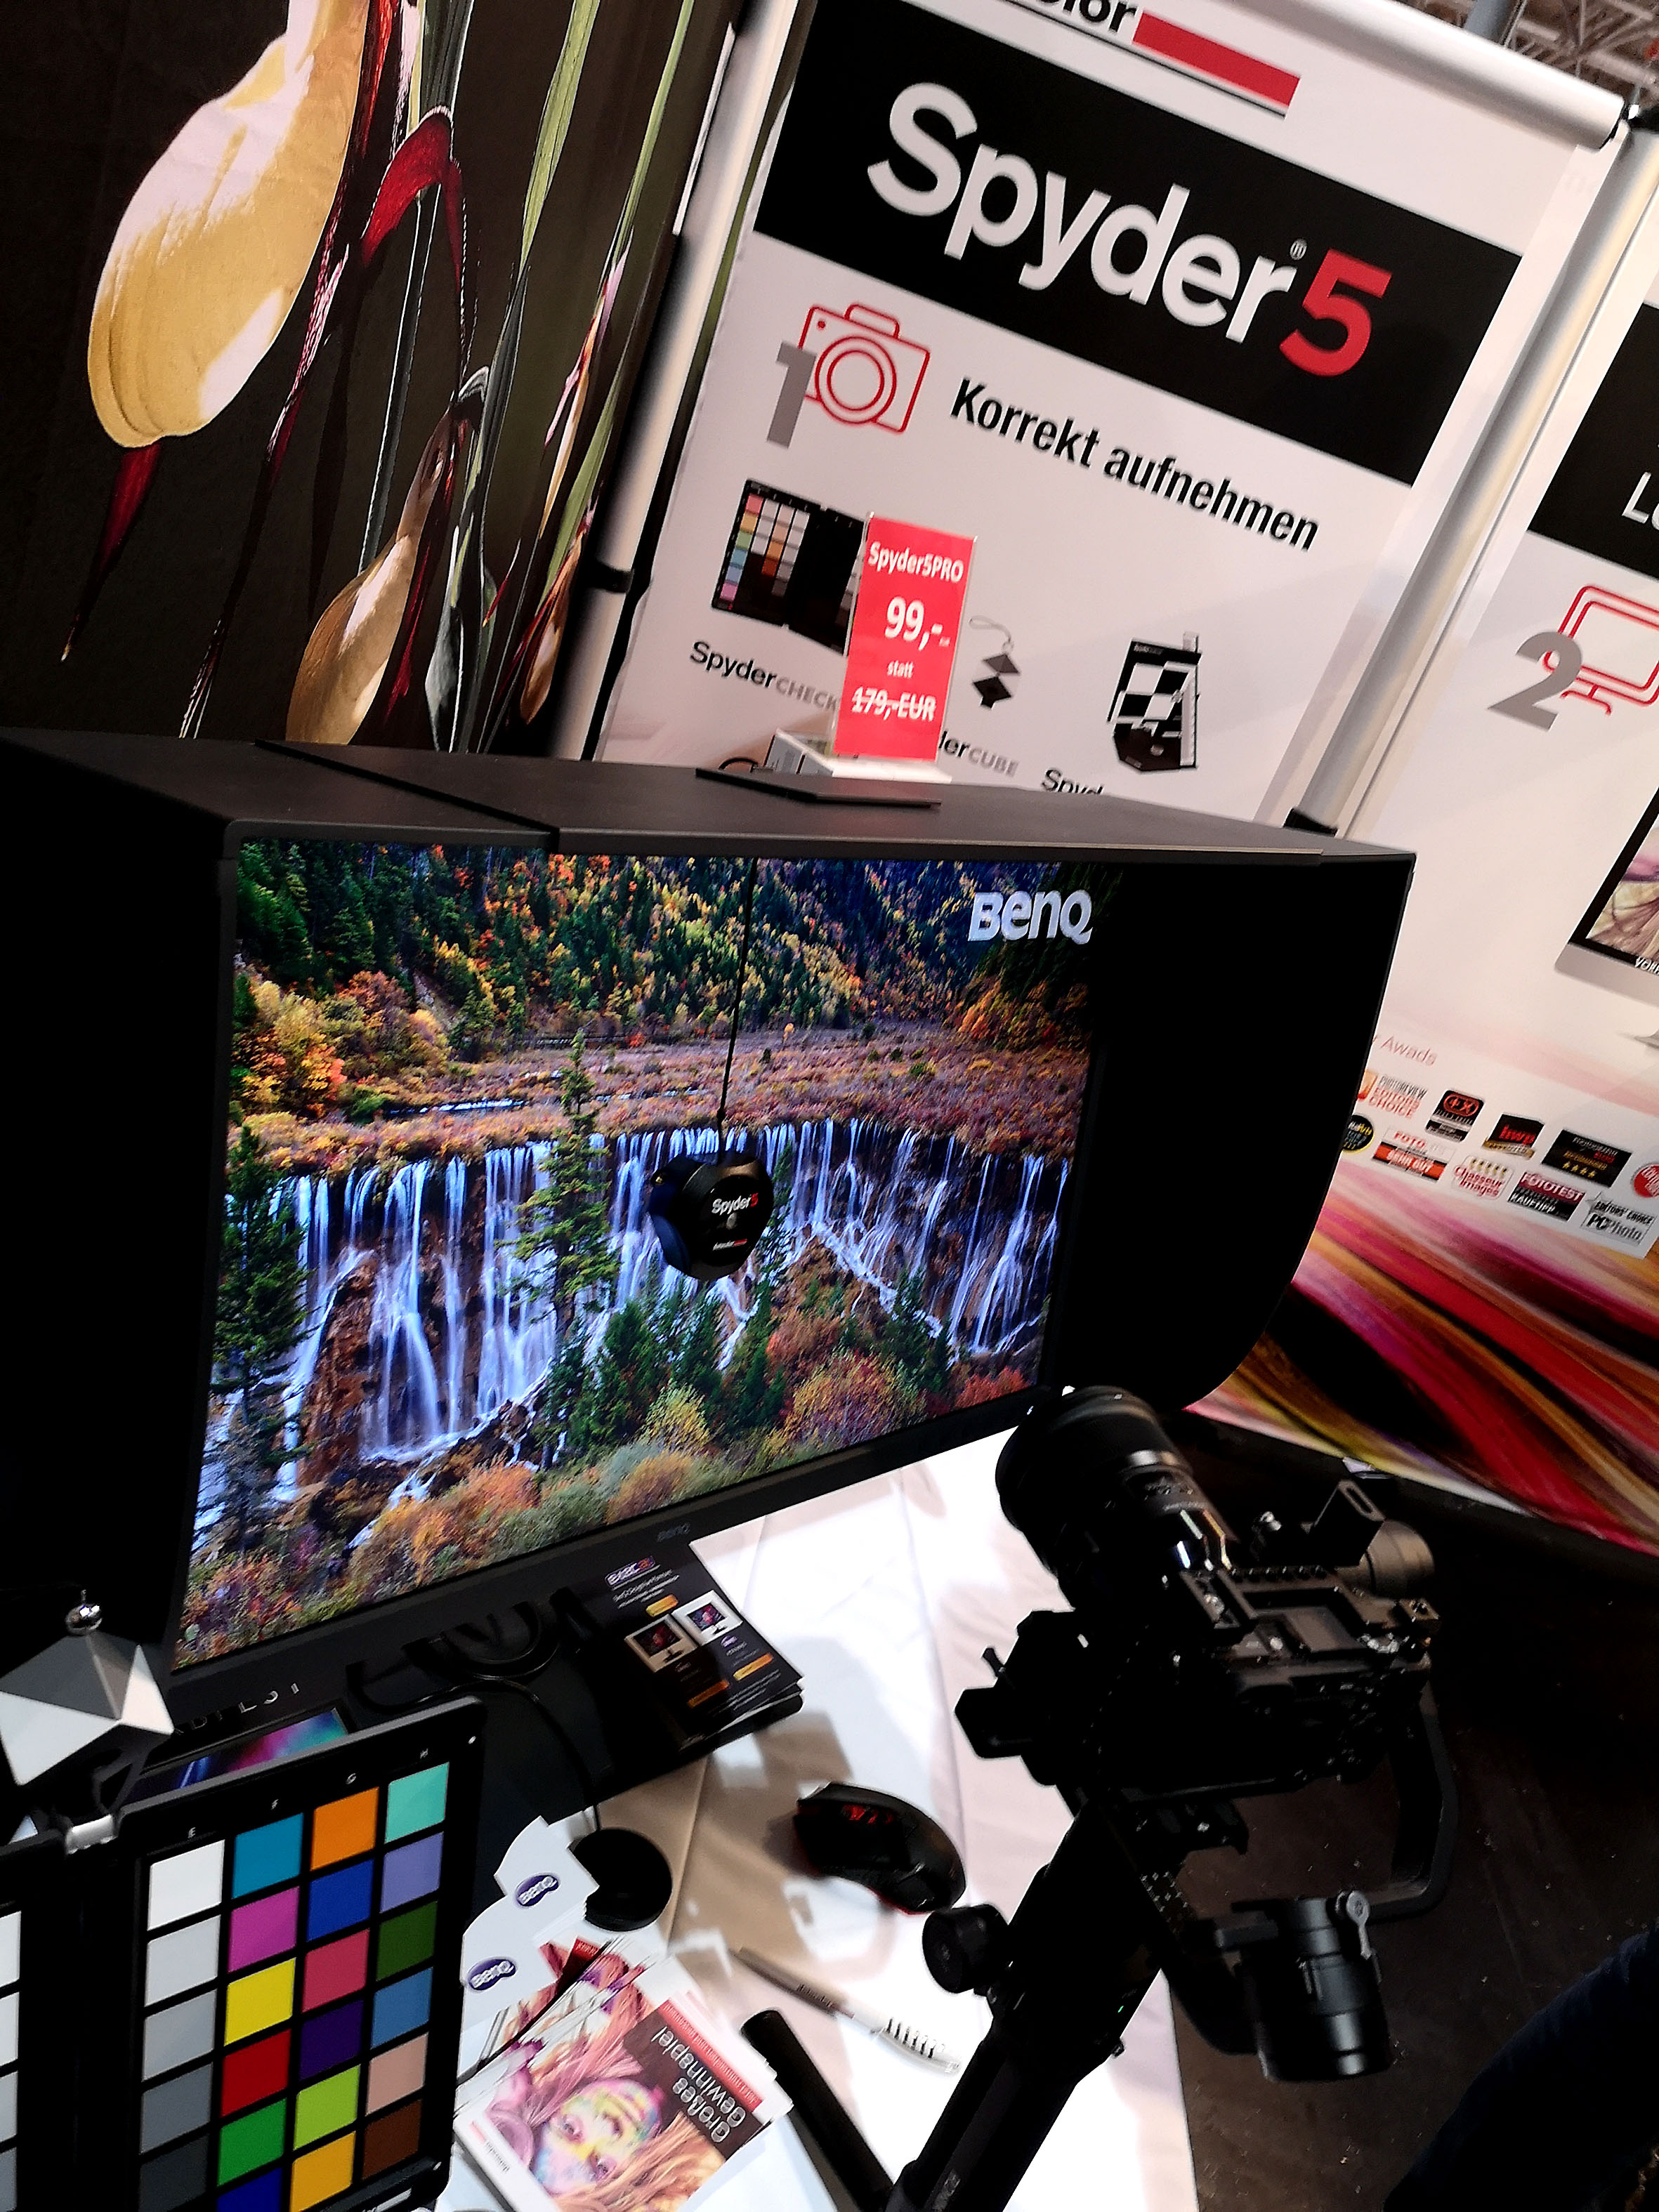 Foto: Michael B. Rehders - Datacolor haute einen richtigen Messepreis raus. Den Spyder 5 Pro gab es zum Schnapperpreis von 99,- Euro. Darüber hinaus wurden Messungen auf einem BenQ W320 durchgeführt.